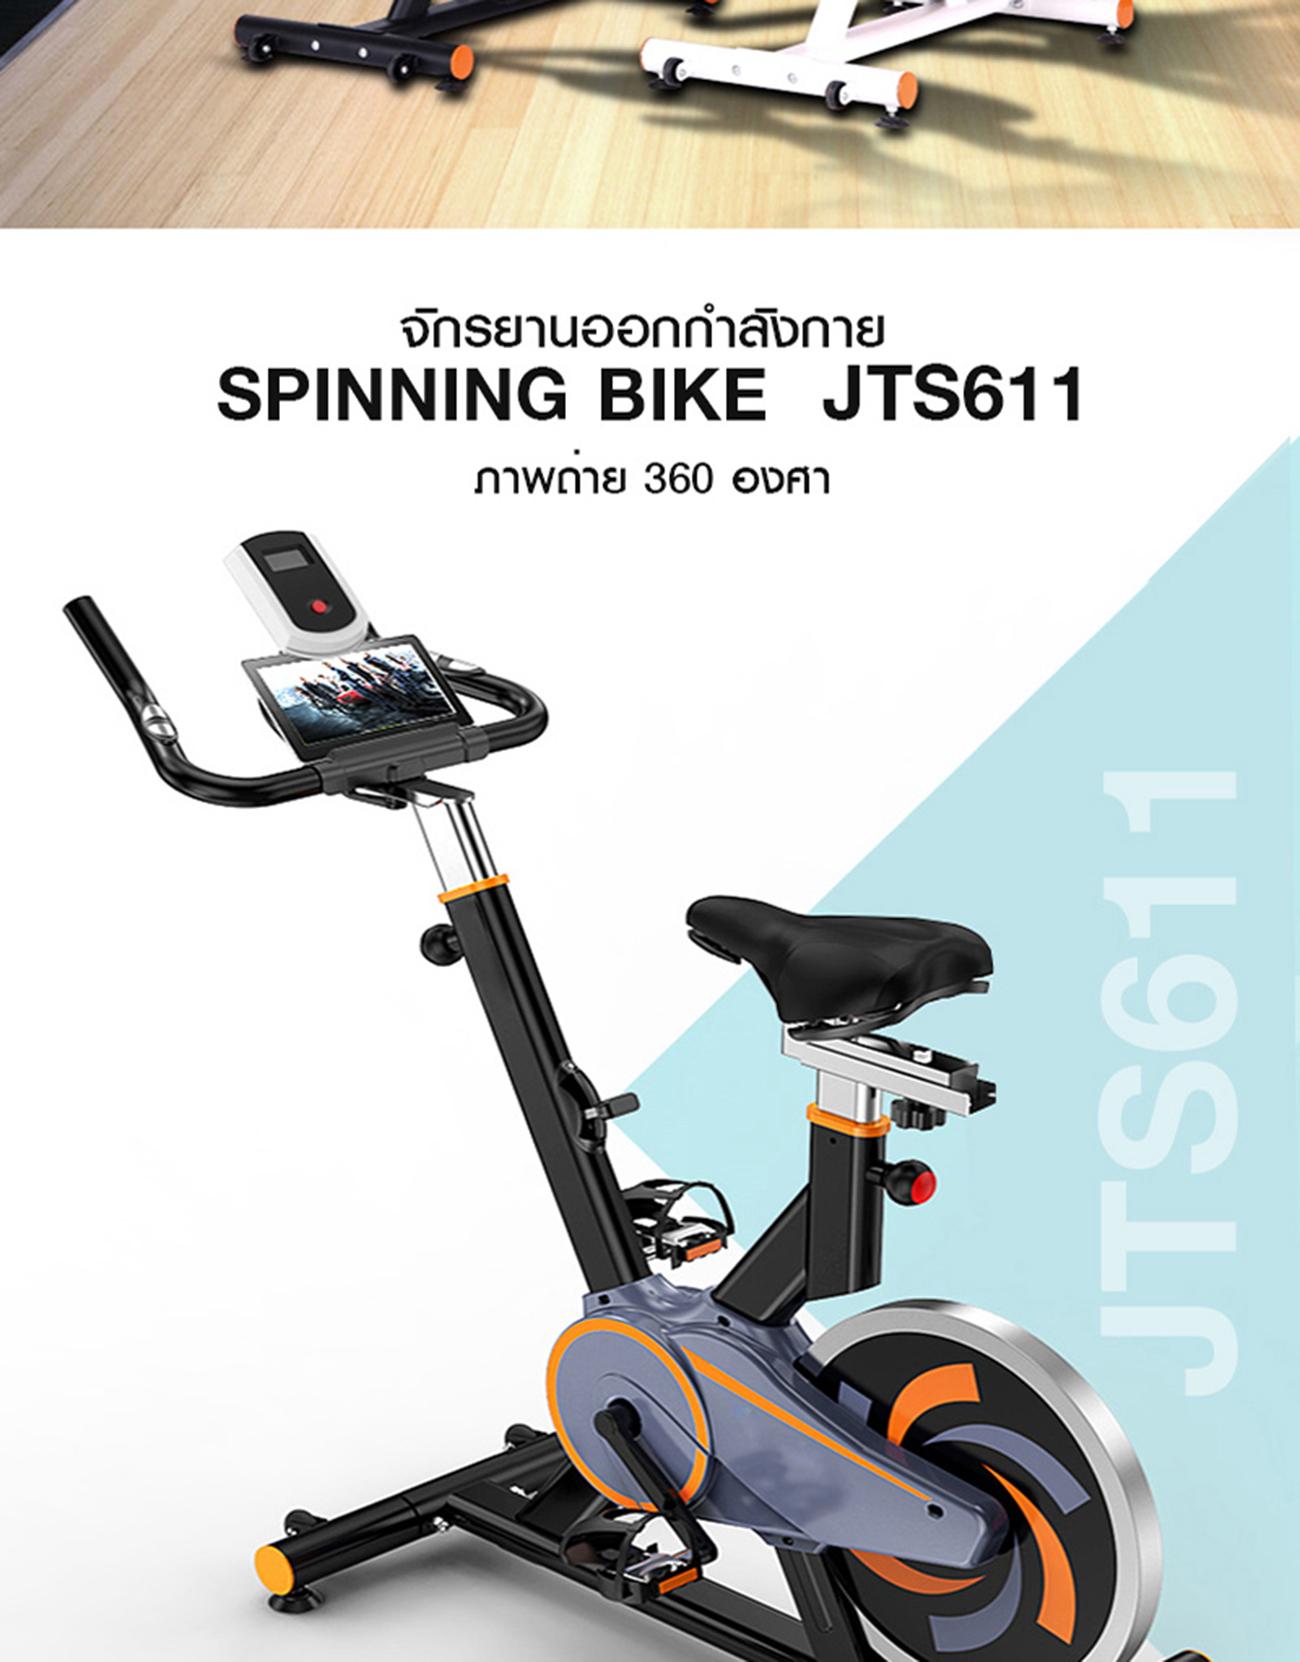 จักรยานนั่งปั่นออกกำลังกาย JTS611-2 สีขาว